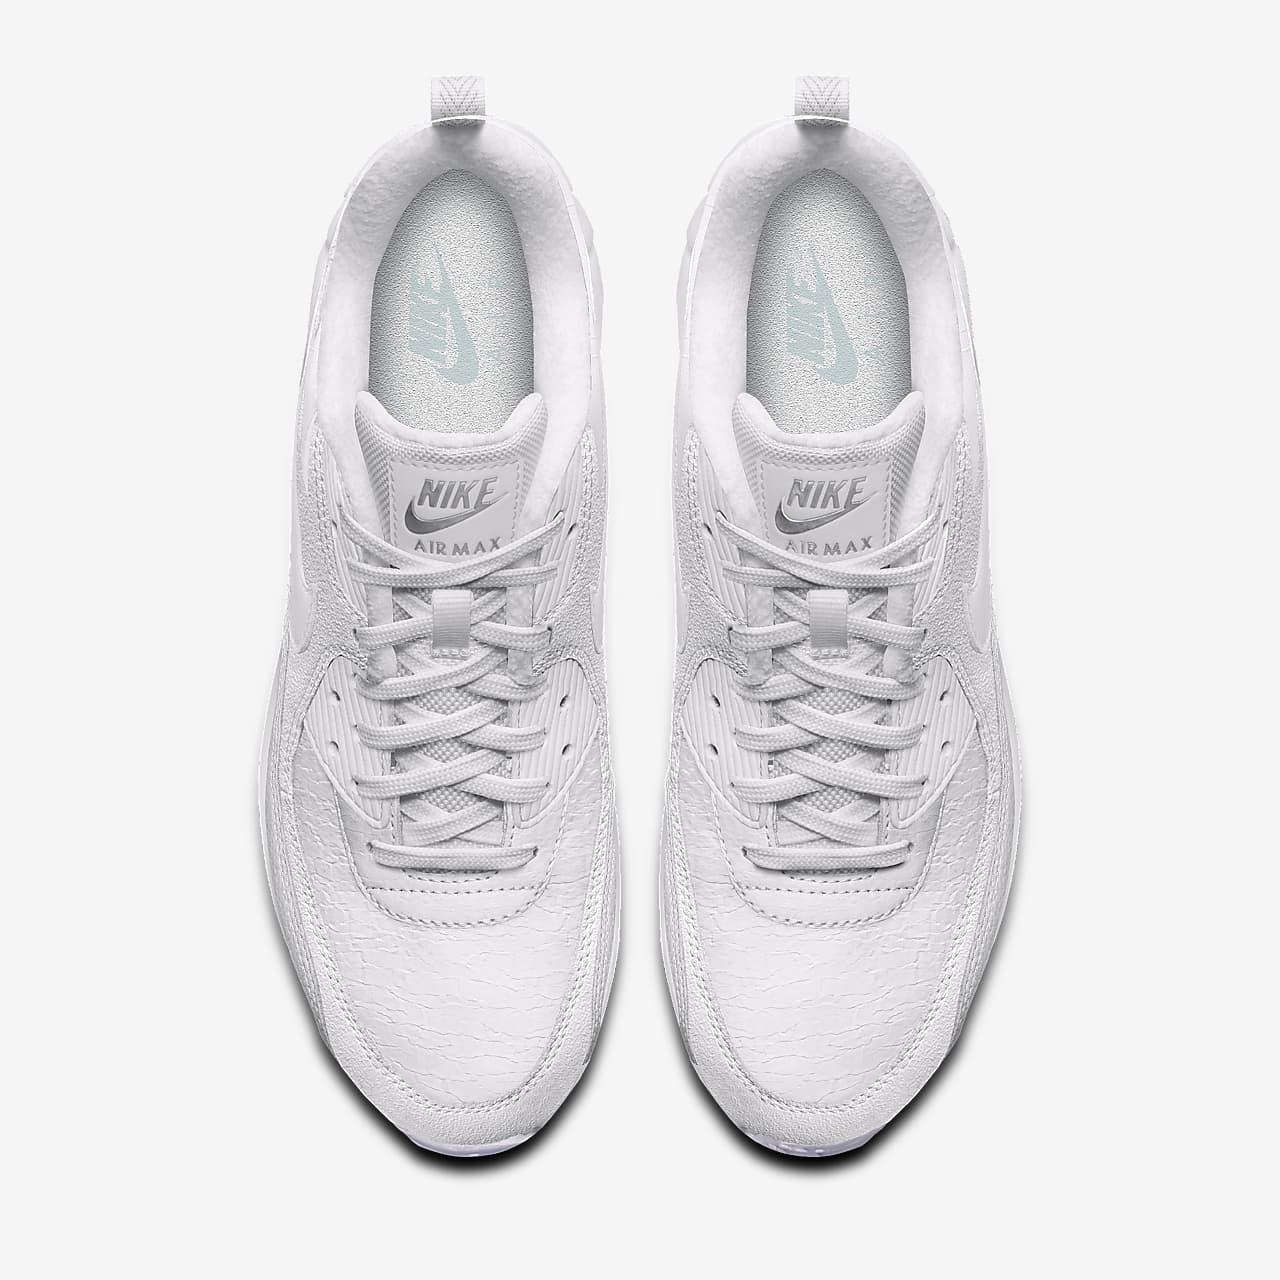 Nike Air Max 90 iD Winter White 男子运